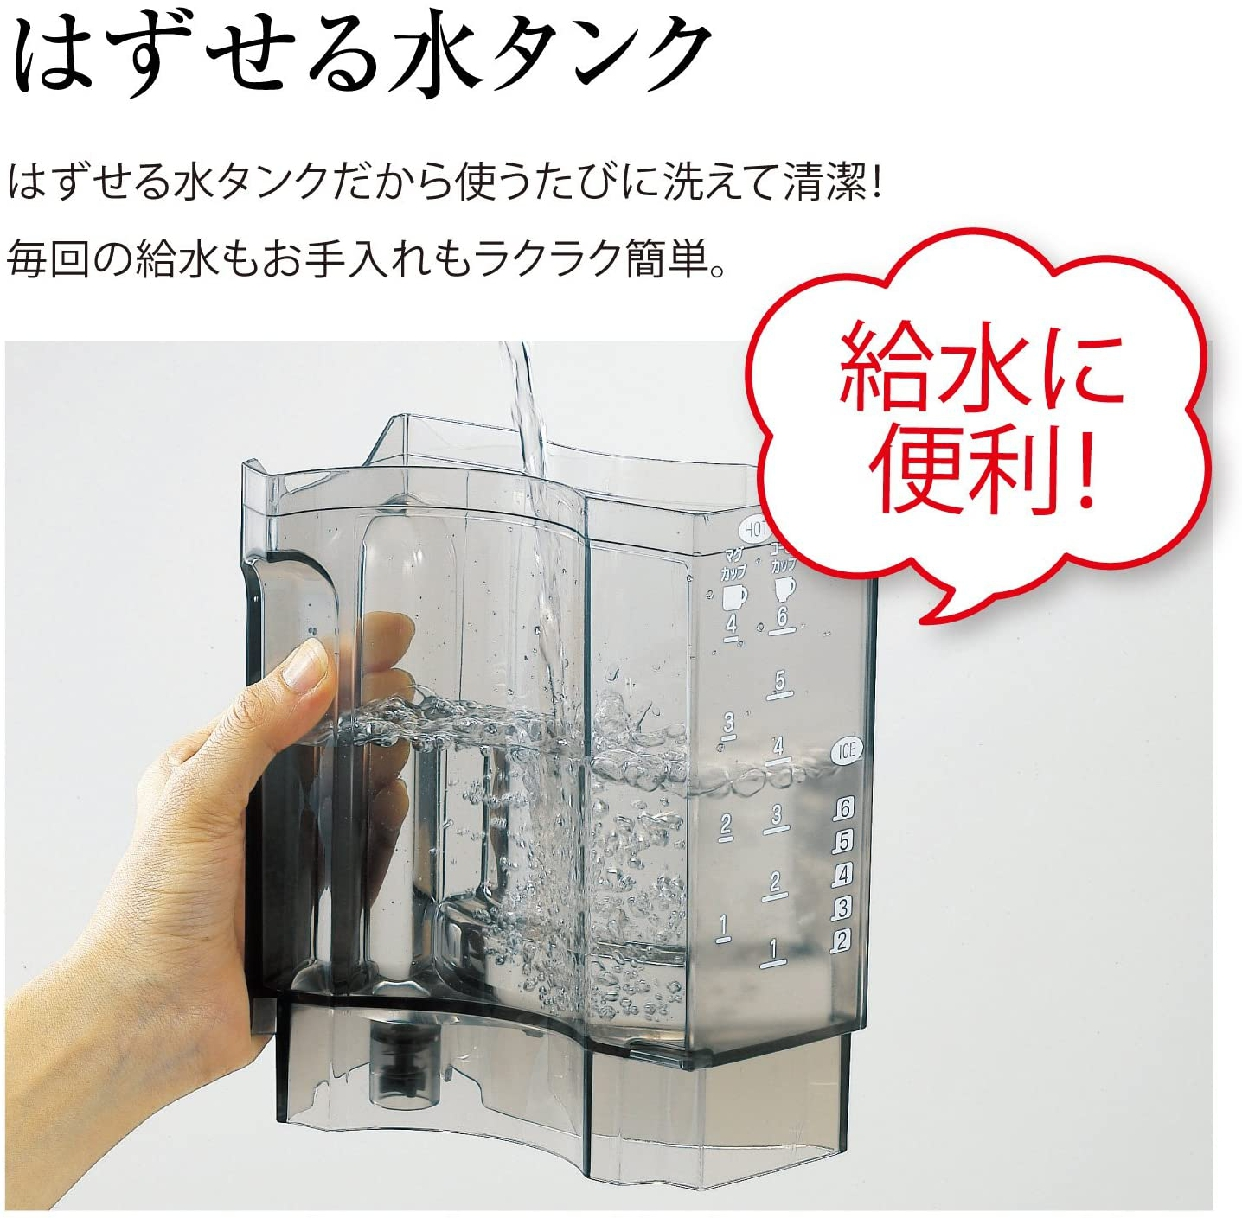 象印(ZOJIRUSHI) コーヒーメーカー 珈琲通 EC-AS60の商品画像4